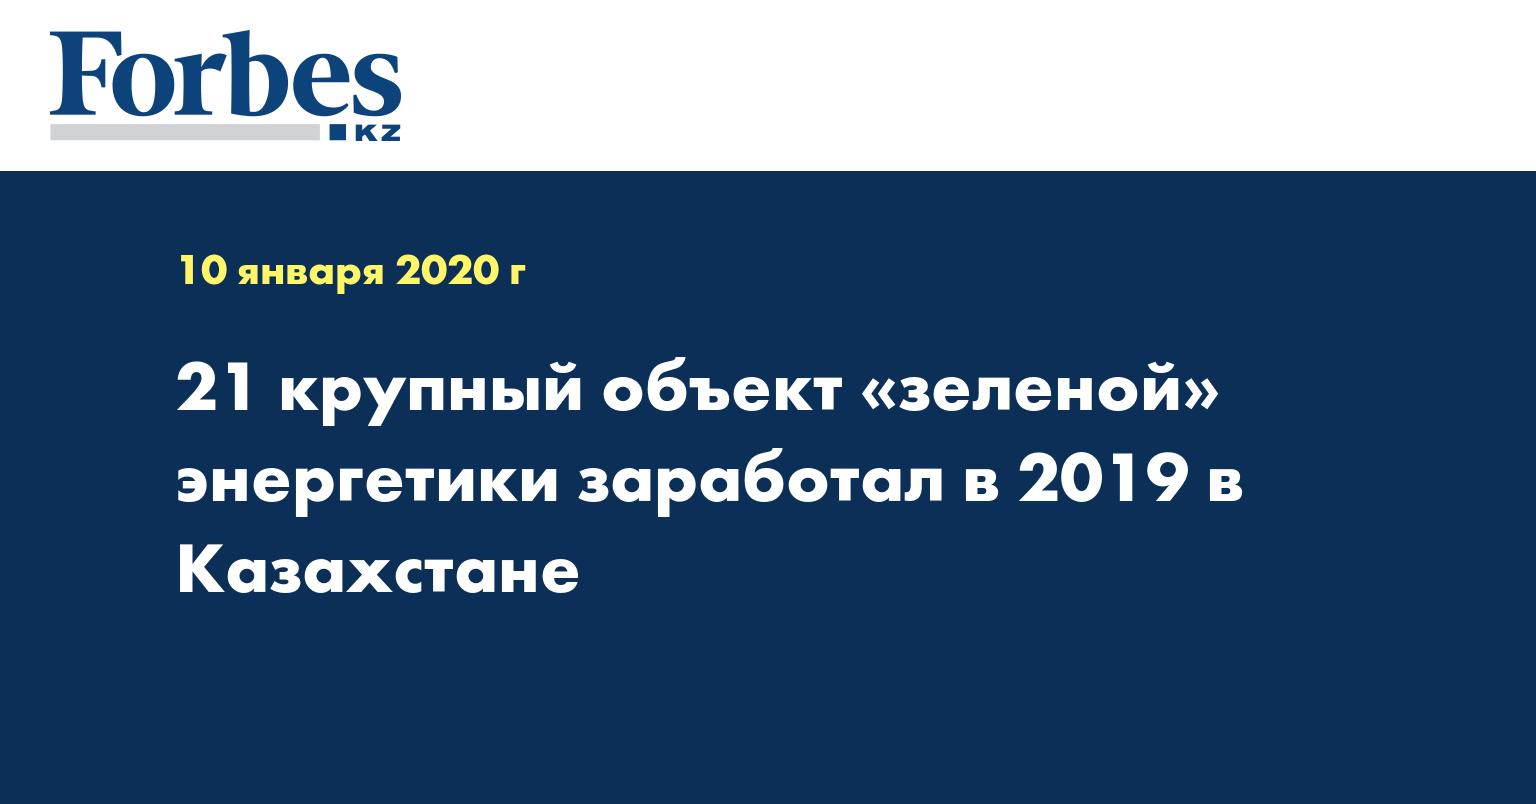 21 крупный объект «зеленой» энергетики заработал в 2019 в Казахстане